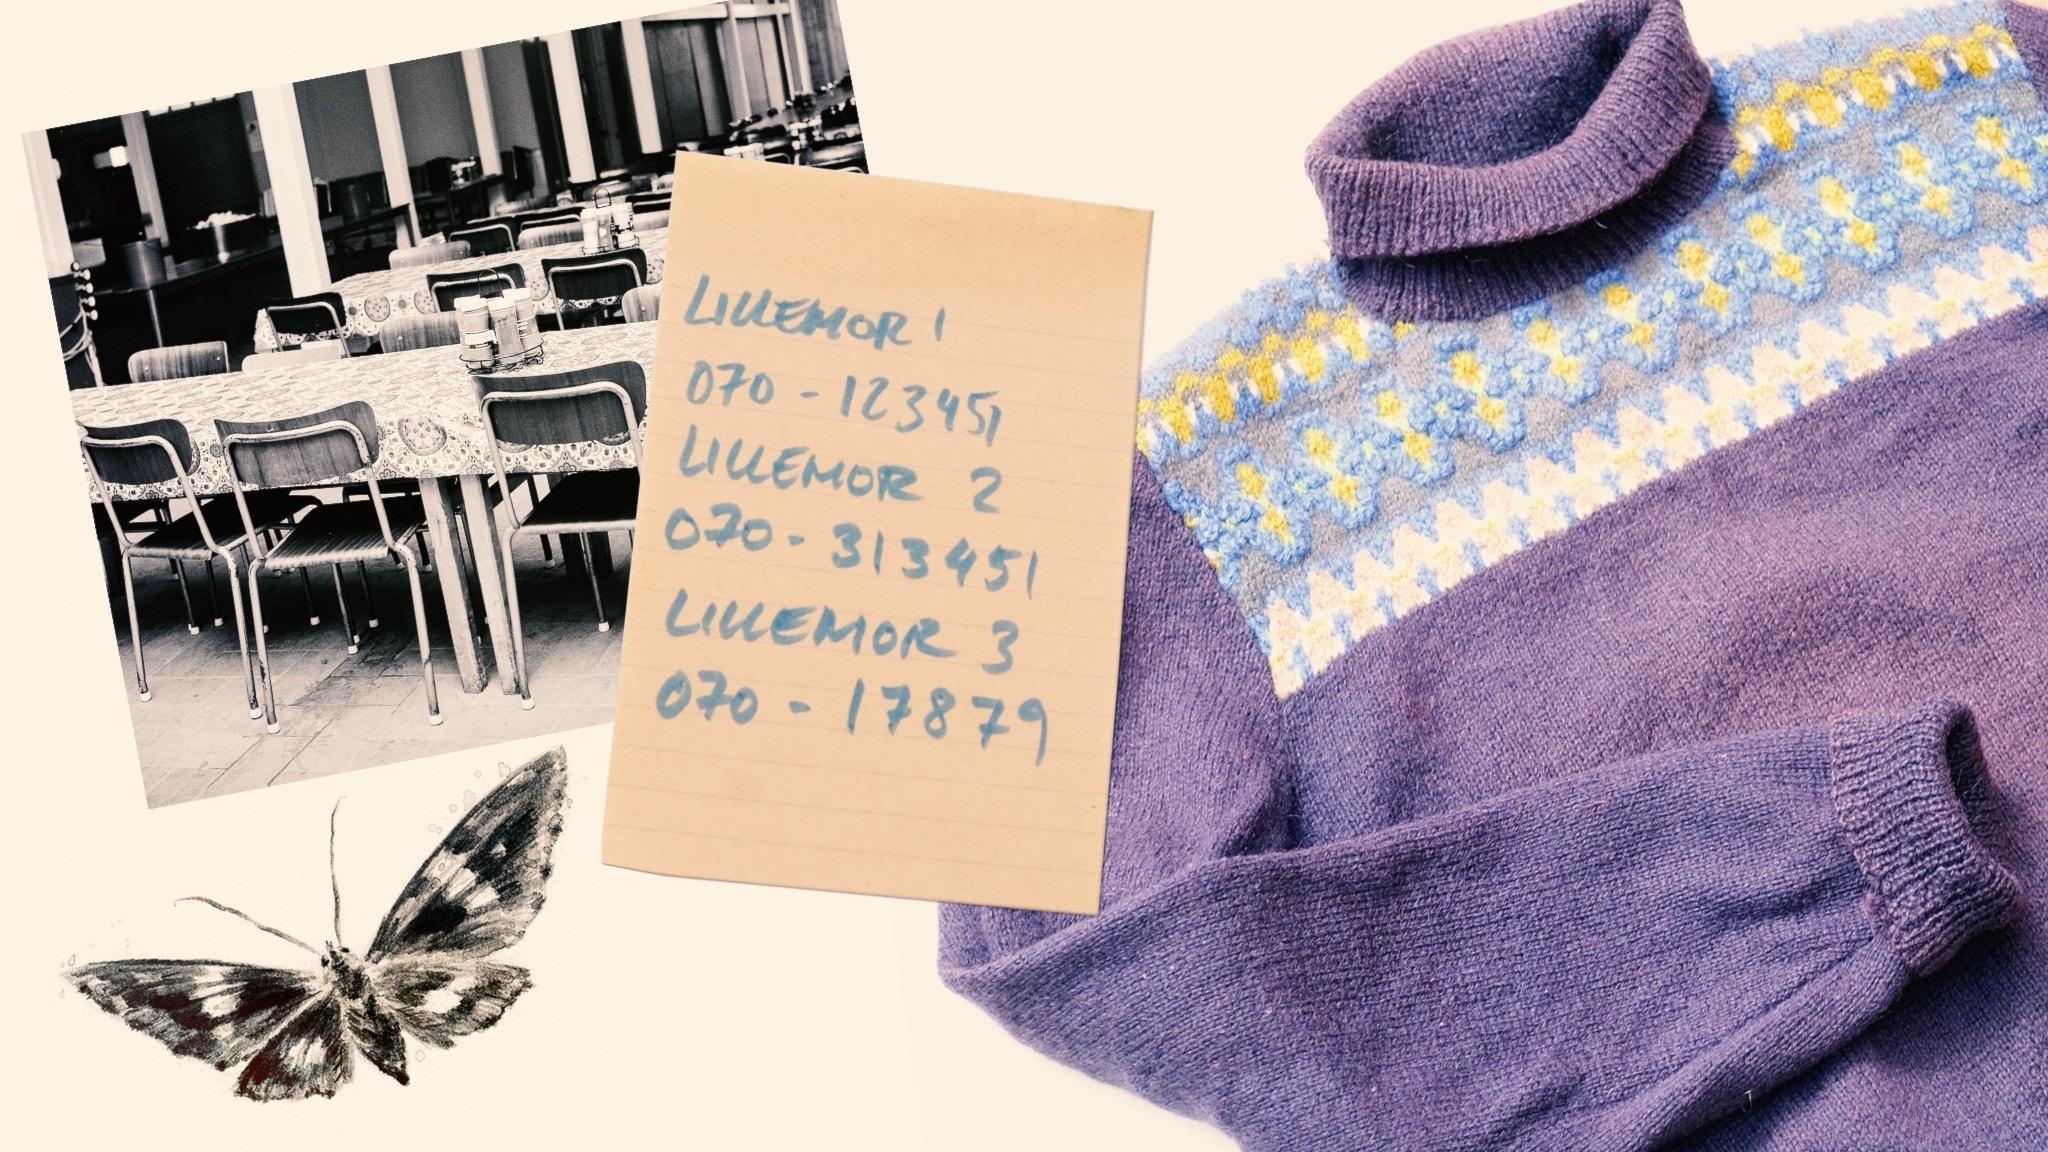 avsnitt 2 Collage sommalovsmuysteriet. En gammal tröja, en lapp med telefonnummer till Lillemor